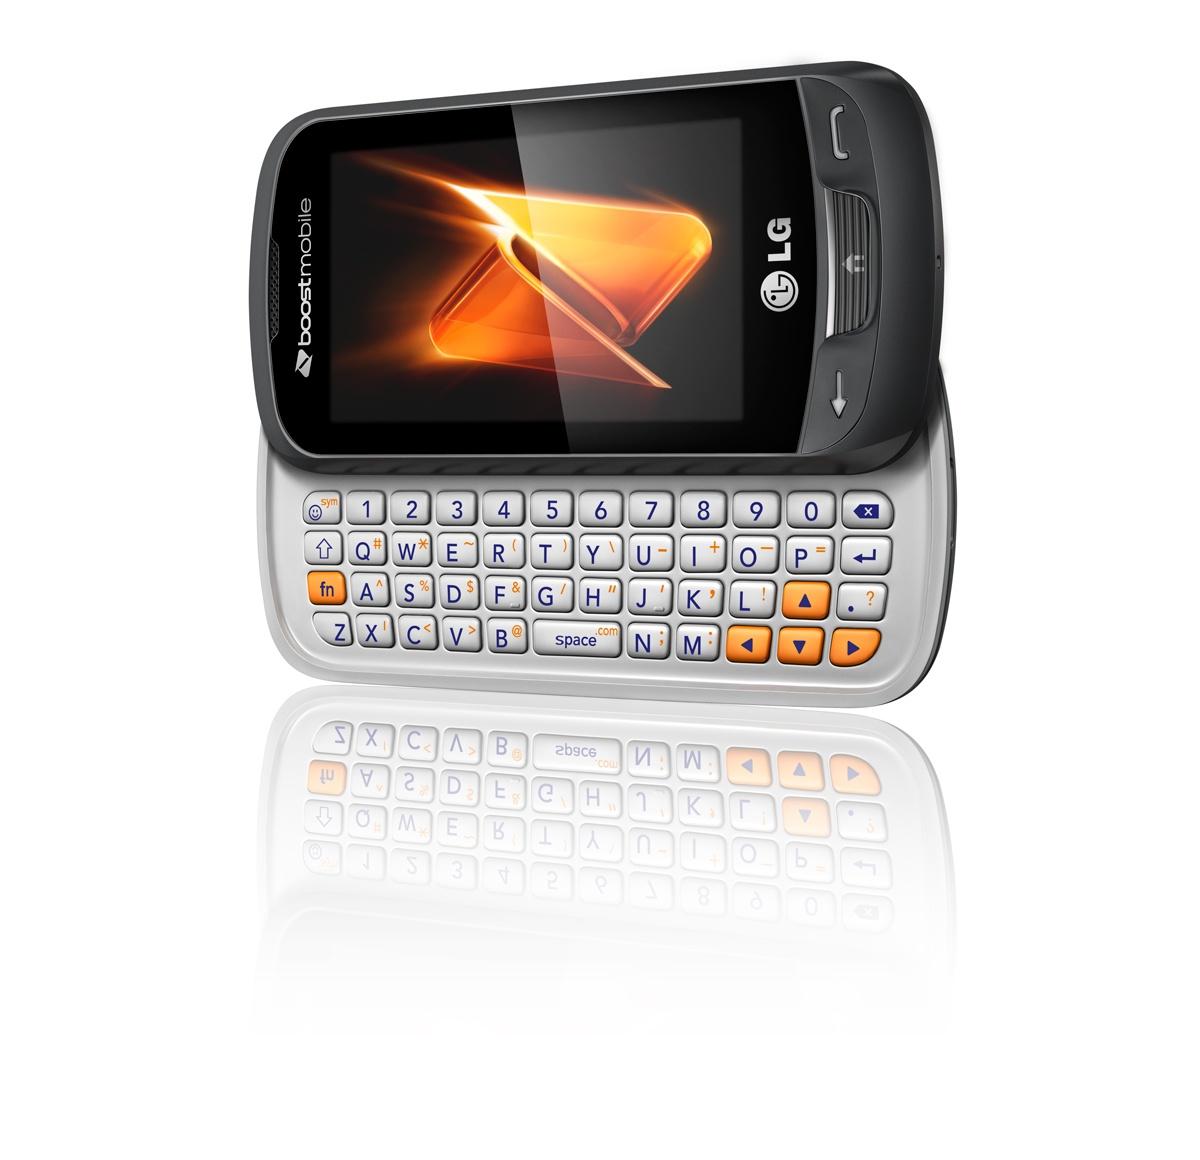 LG Rumor Reflex - nowy telefon z systemem BREW i klawiatur� QWERTY